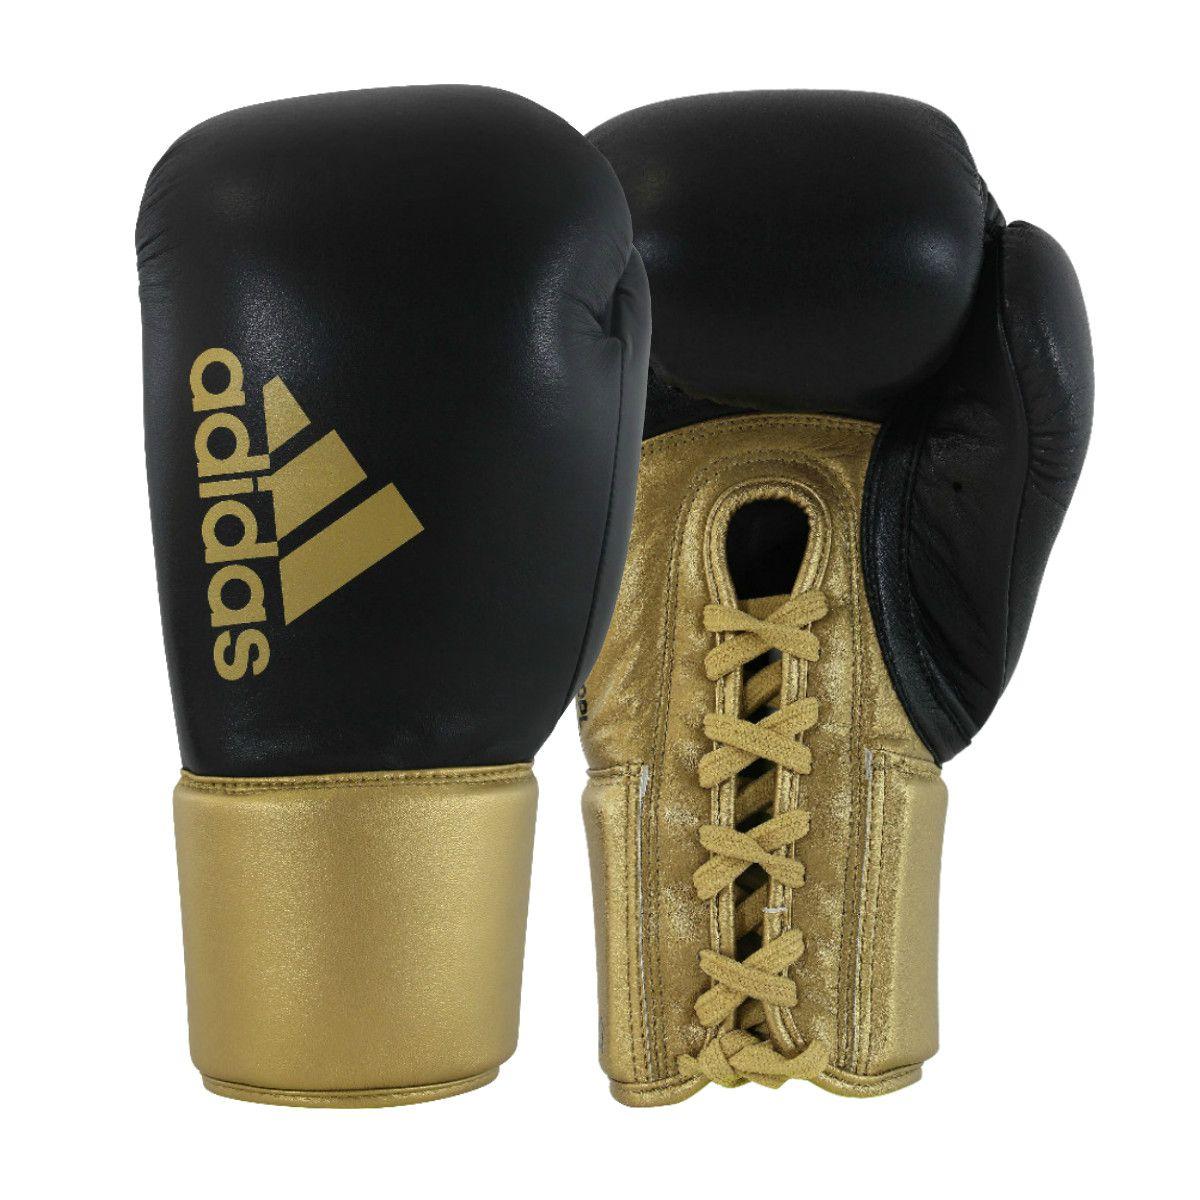 Luva de Boxe adidas Hybrid 400 Pro Lace Preta/Dourada e Dedão Prateado